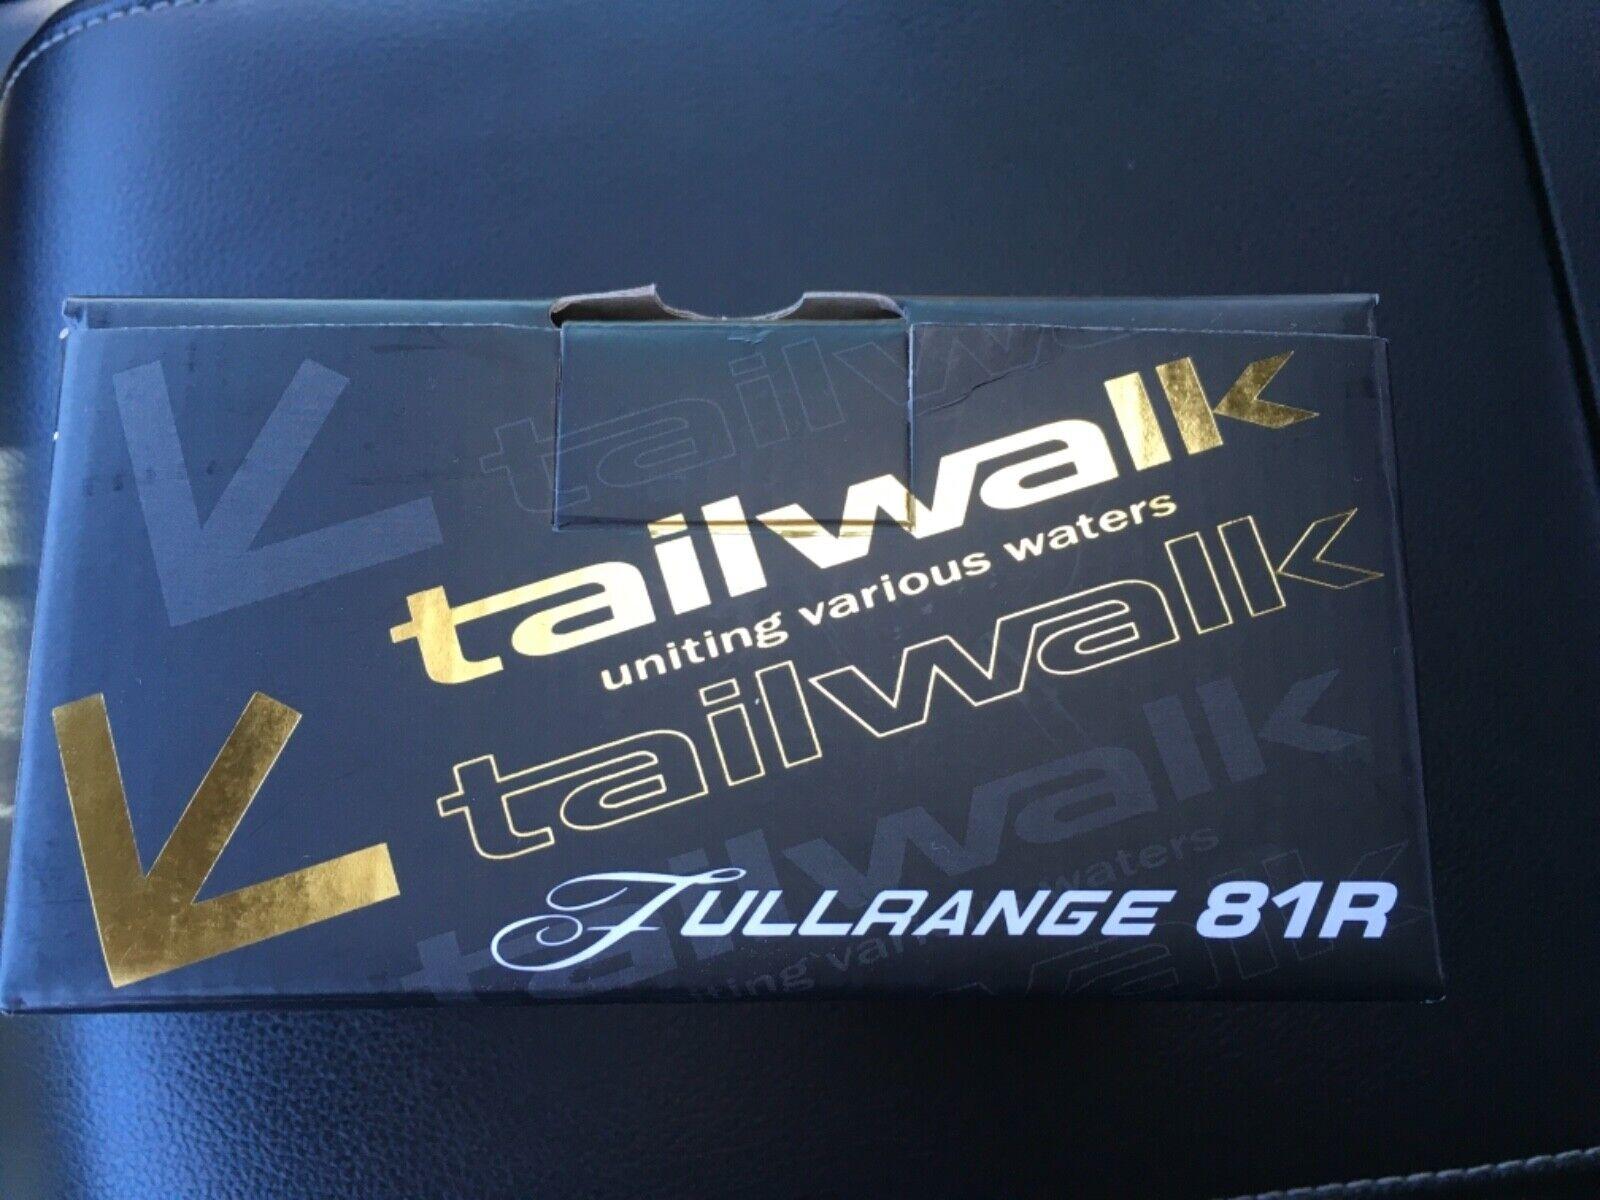 TailWalk FULLRANGE BF 81R Reel USA Seller Free Shipping FLW Sheldon Collings